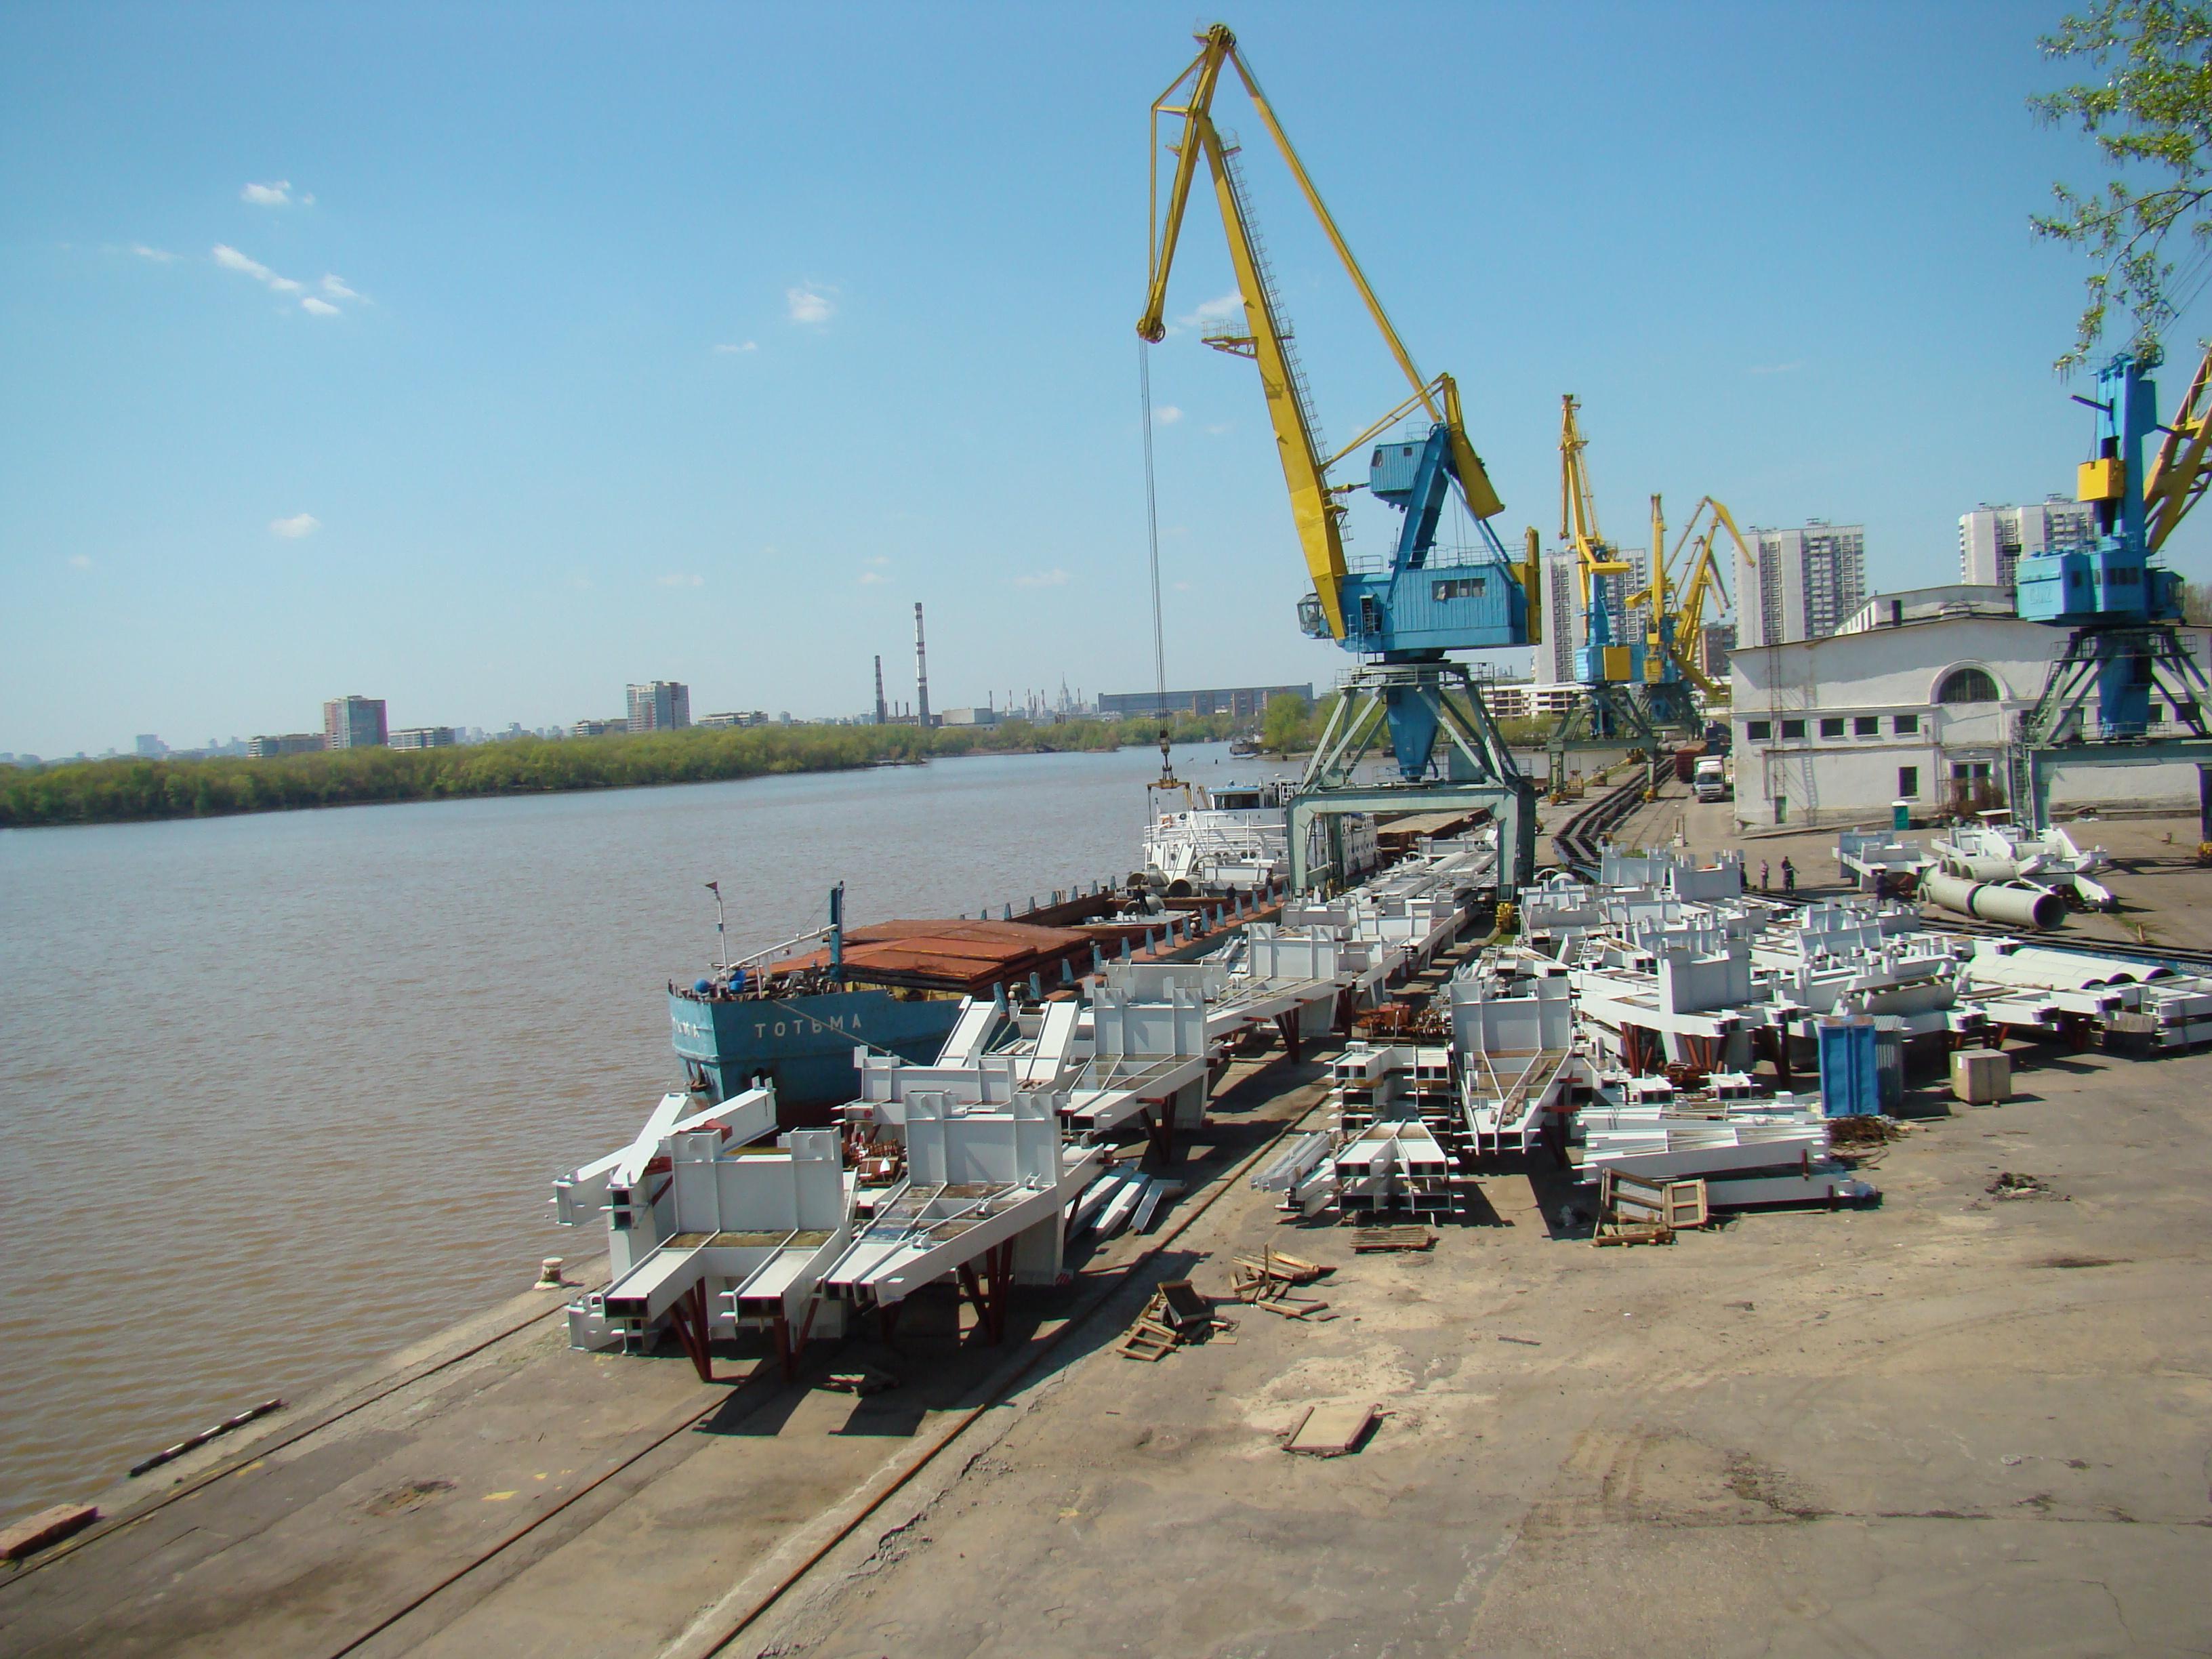 Порт является одним из важнейших звеньев мощного транспортного узла сибири.